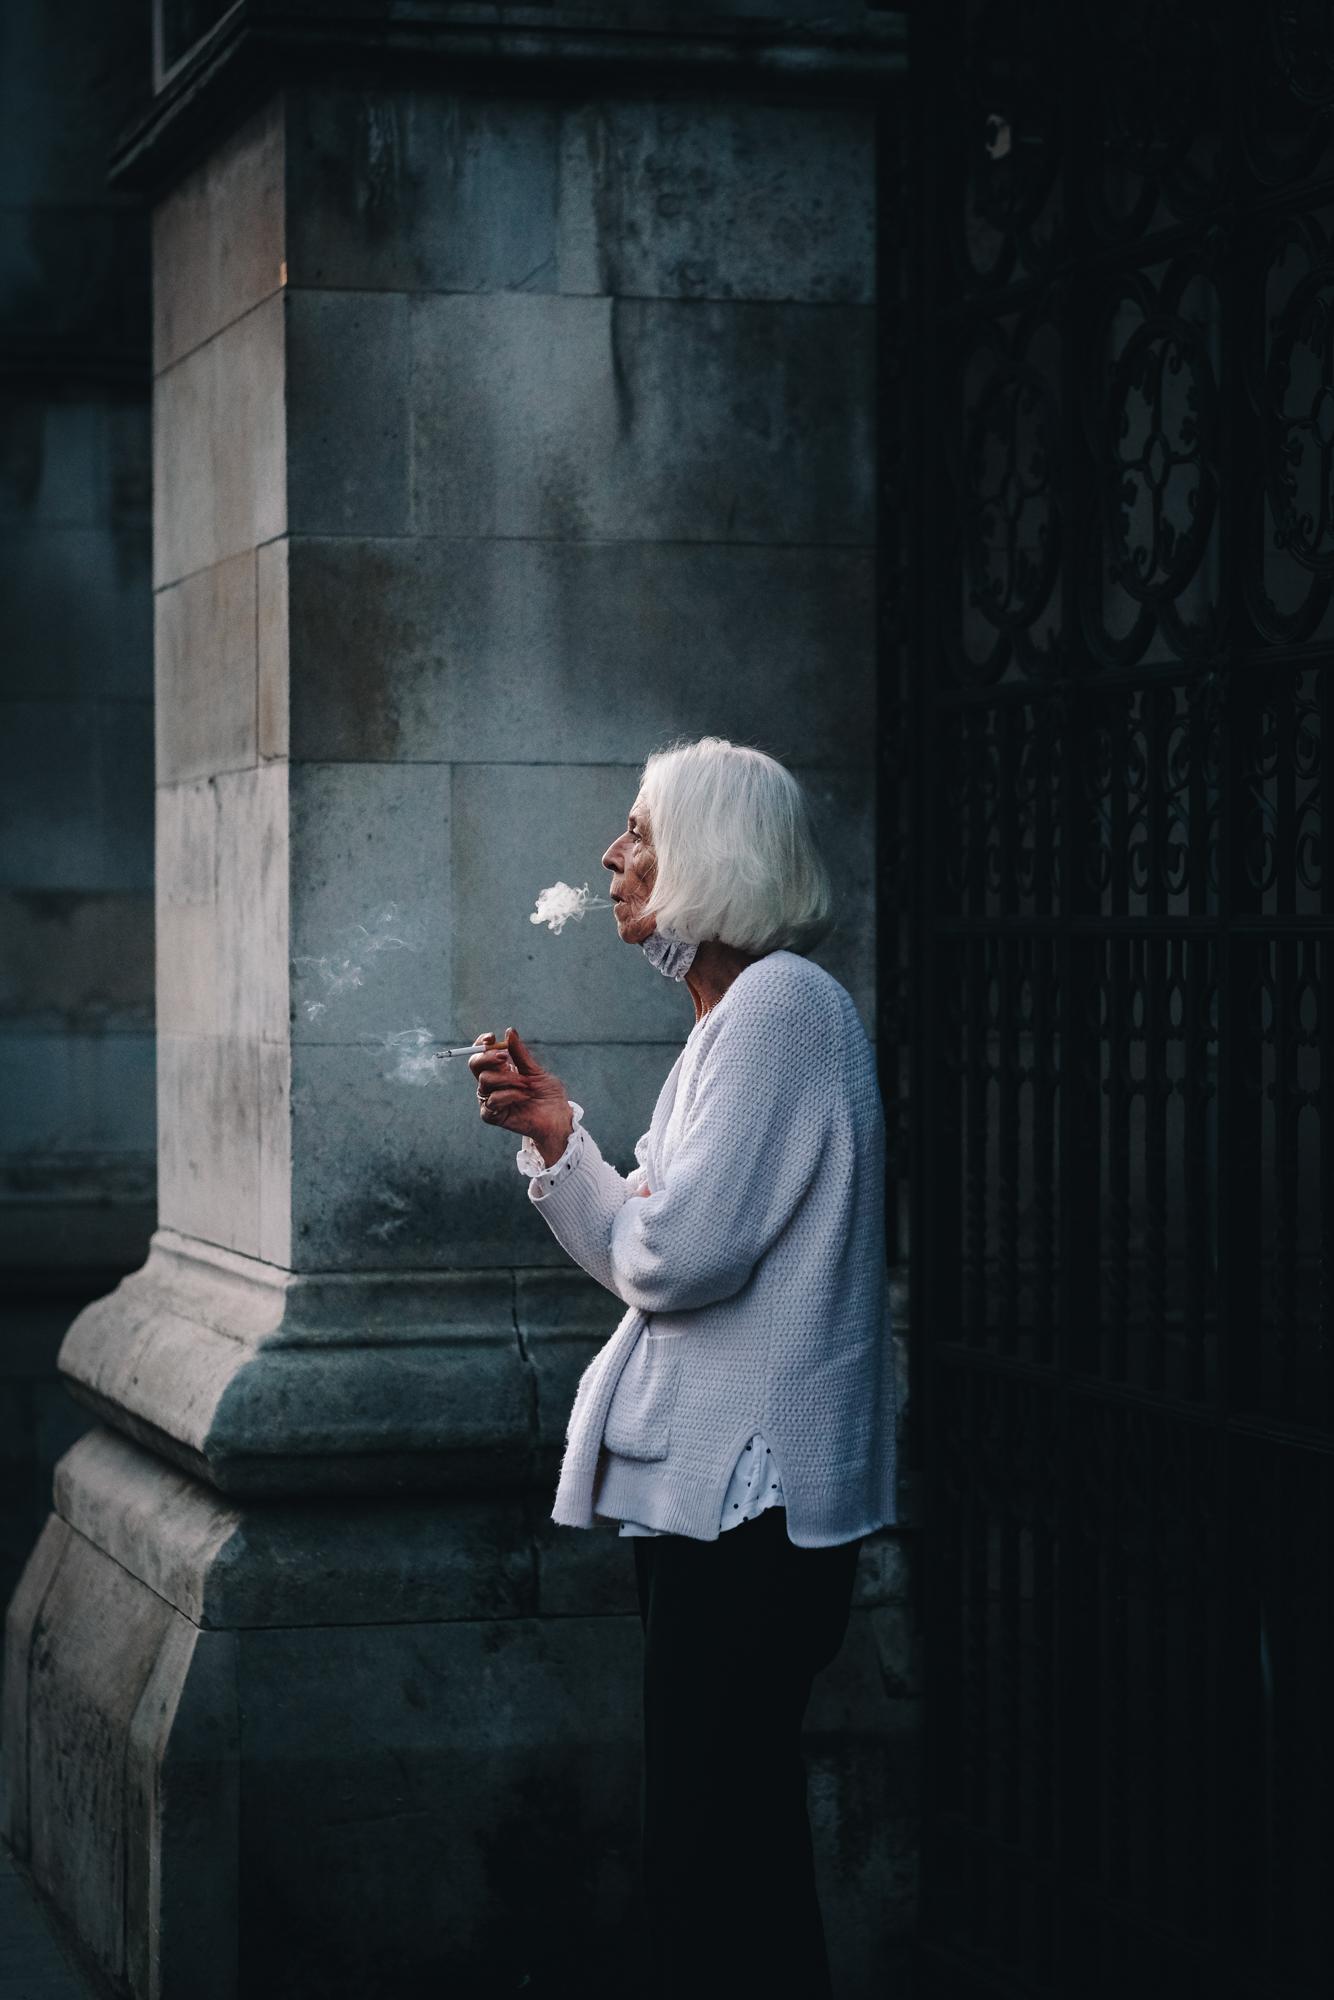 Candido ritratto di una donna che fuma per le strade di Holborn, Londra, Regno Unito 2020